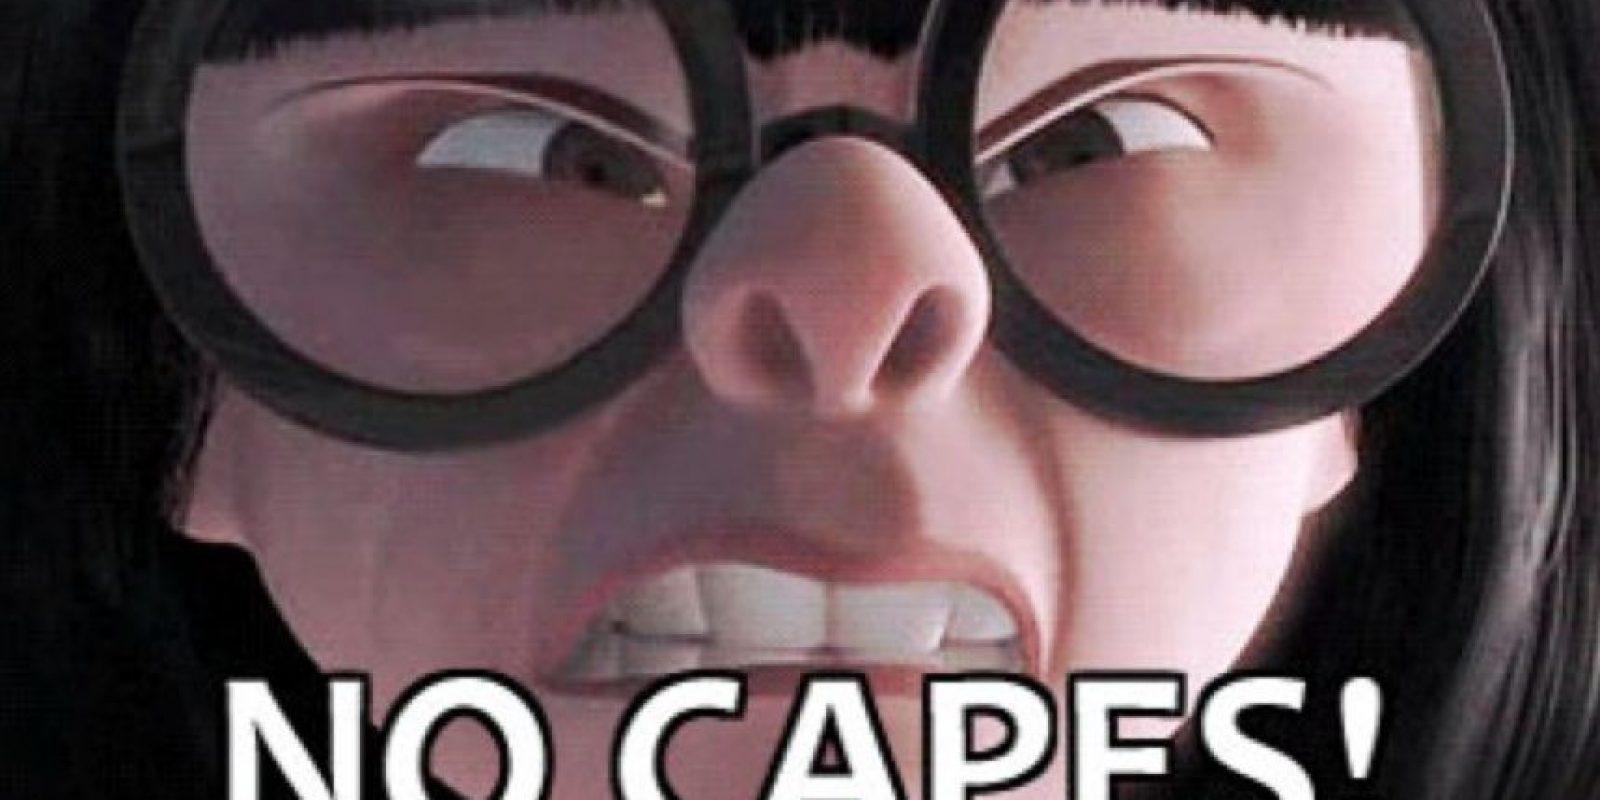 """En 2004 se lanzó la película de superhéroes """"Los Increíbles"""", donde EdnaModa, la fuerte diseñadora de la película, advertía al protagonista el riesgo de usar capas. De ahí surgieron bastantes memes en Internet Foto:Quickmeme"""